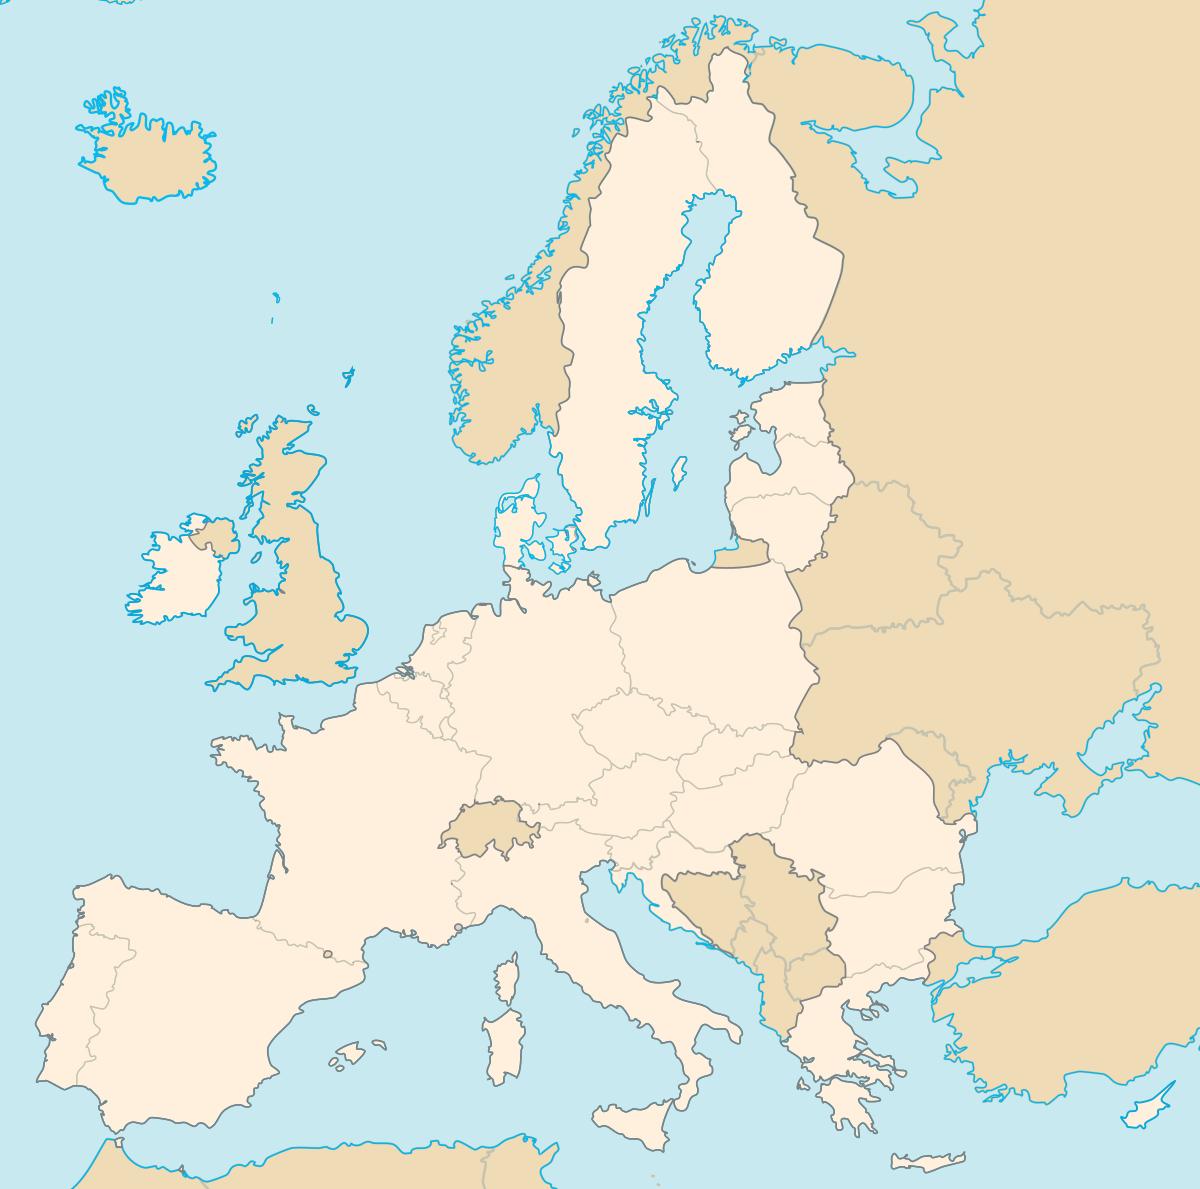 États Membres De L'union Européenne — Wikipédia pour La Carte De L Union Européenne